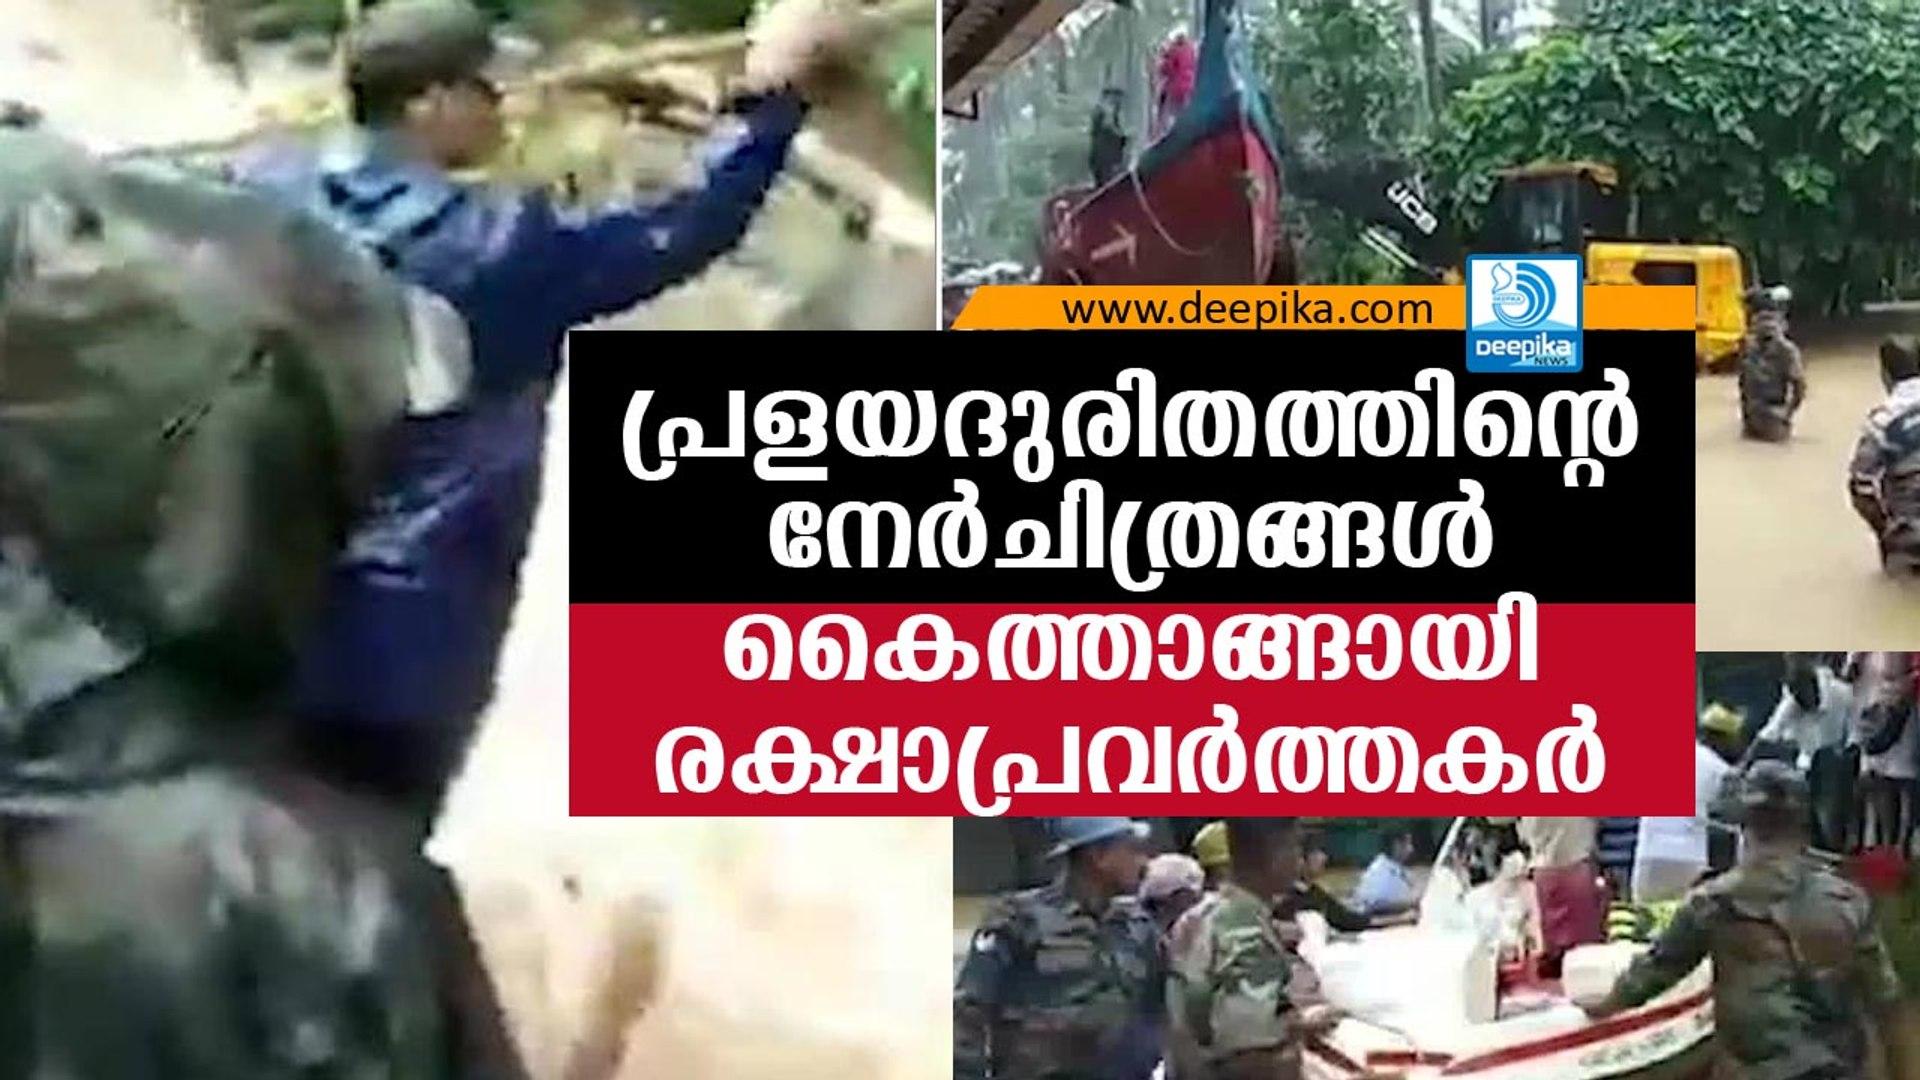 പ്രളയദുരിതത്തിന്റെ നേര്ചിത്രങ്ങള്! കൈത്താങ്ങായി രക്ഷാപ്രവര്ത്തകര്! Kerala Floods 2019: Rescue